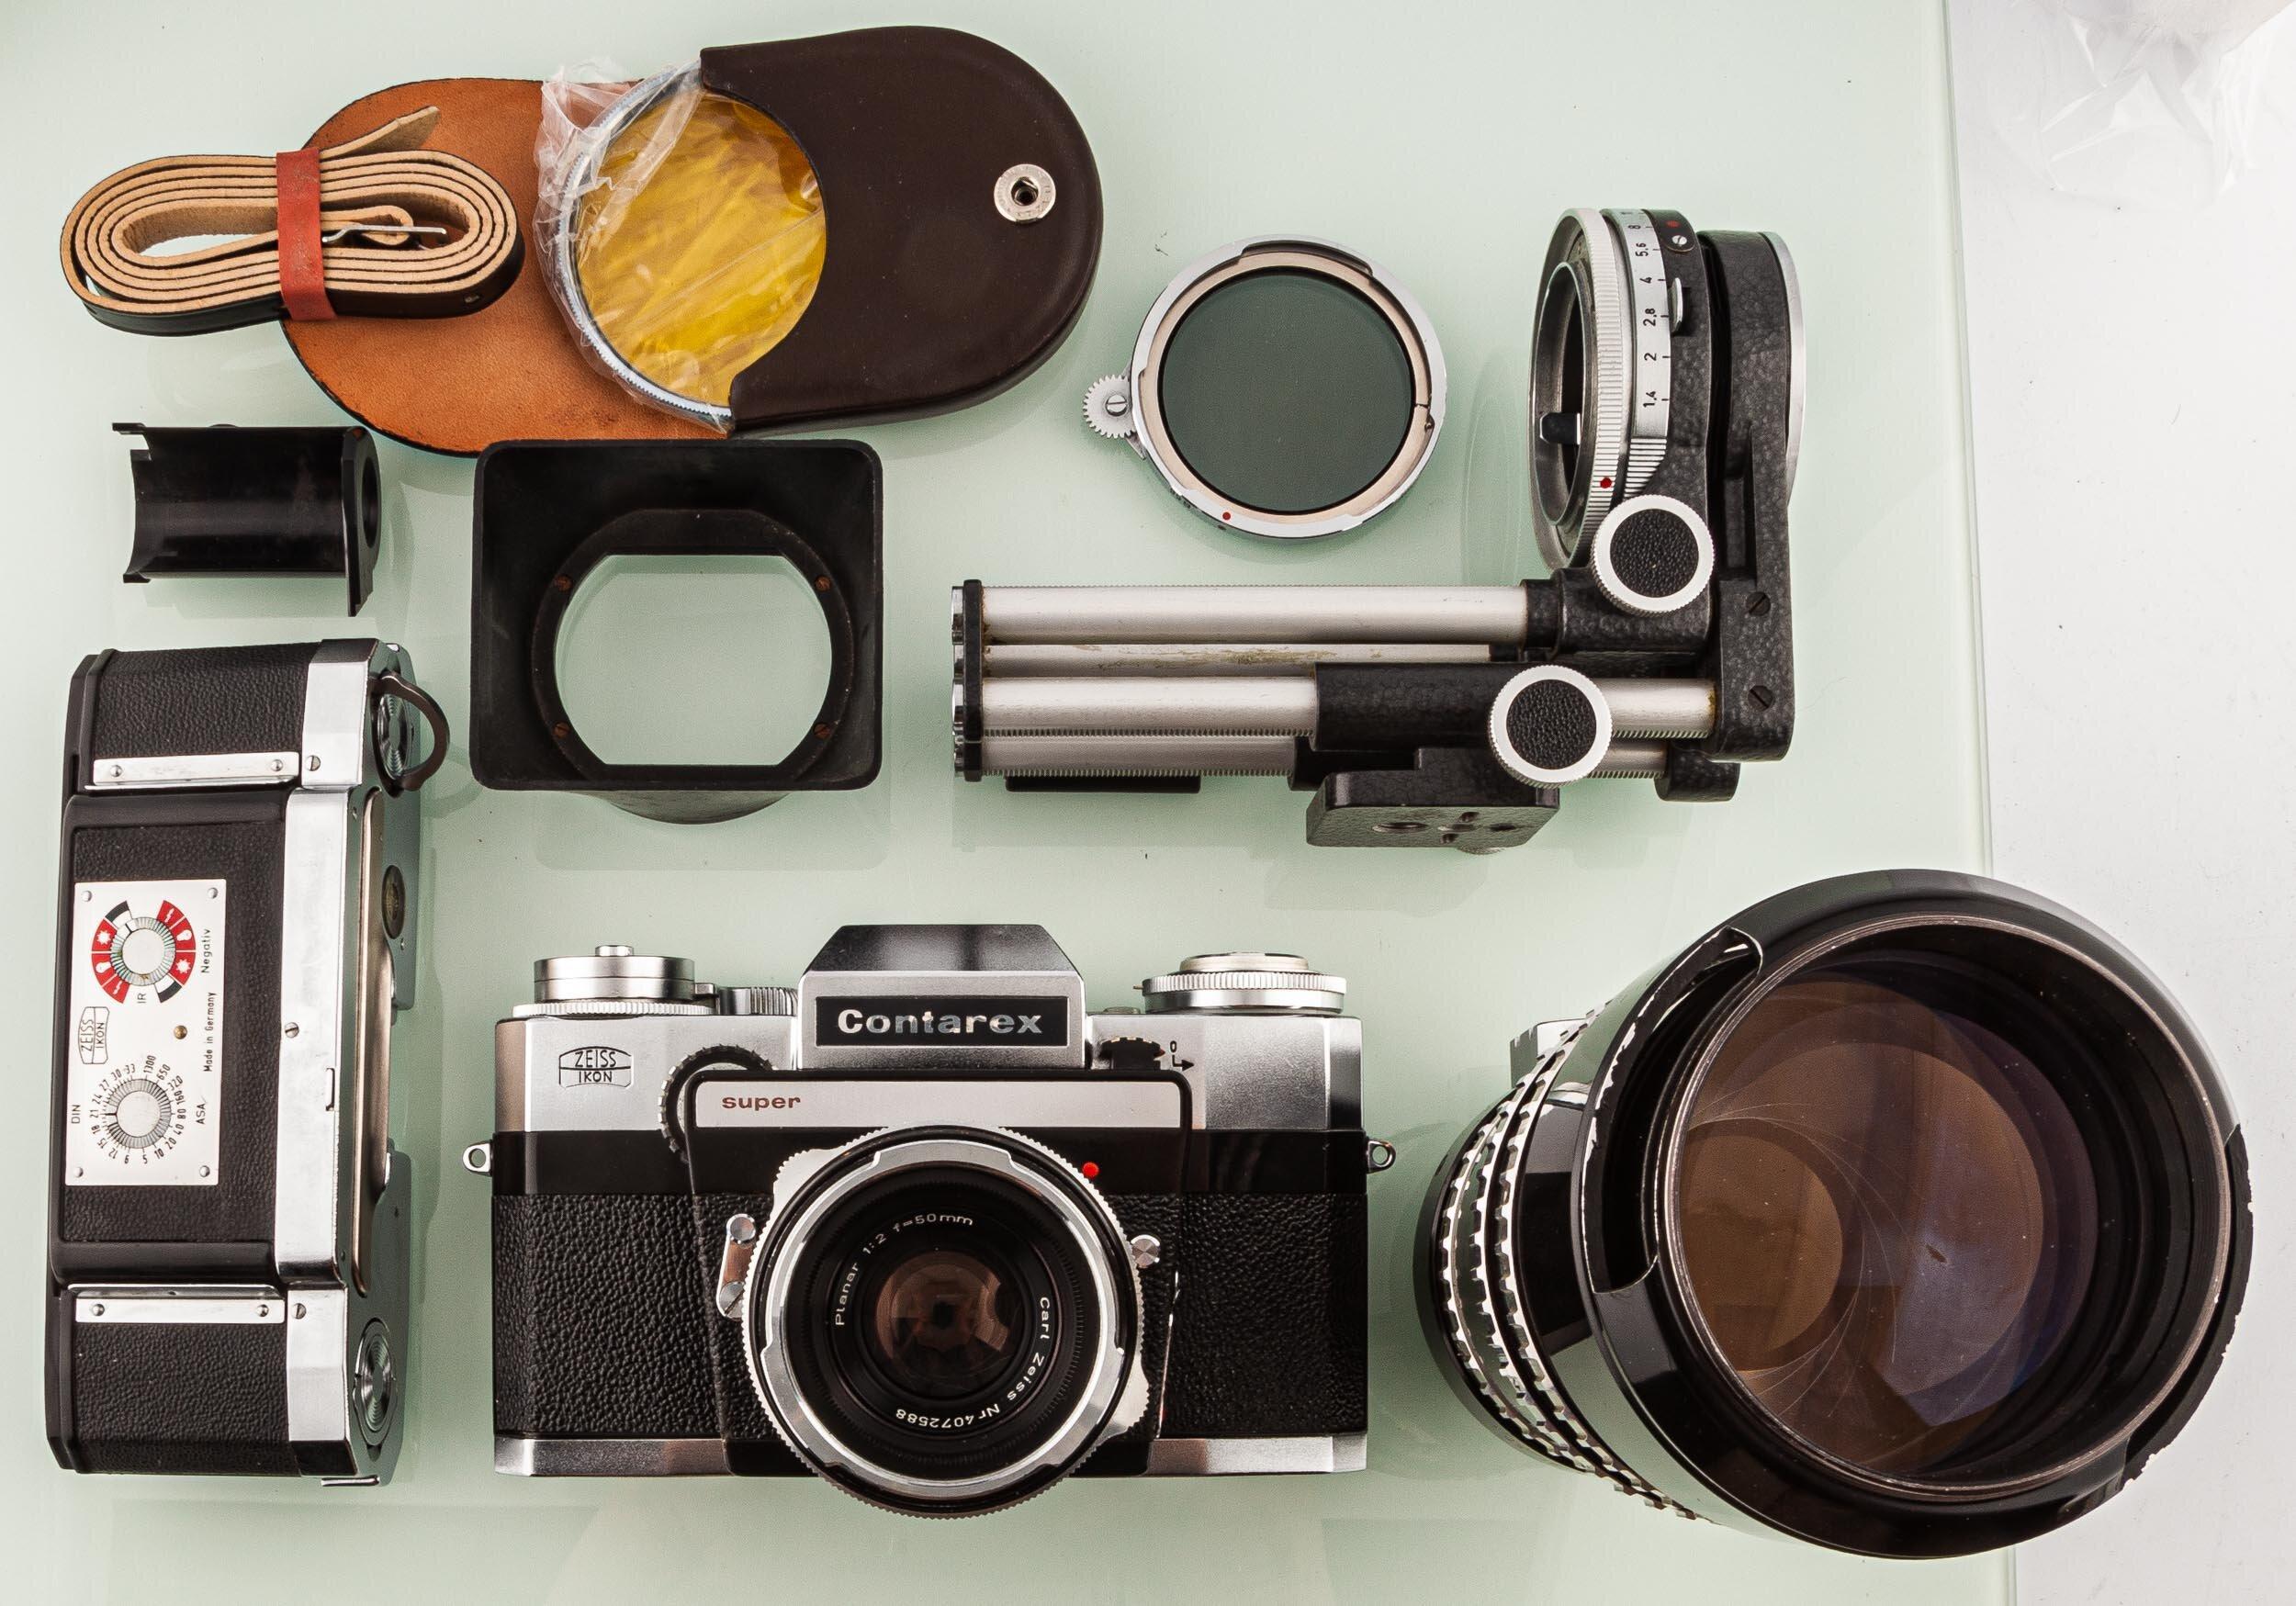 Contarex super Set Planar 50mm,Sonnar 250mm,Balgen,Datenrückwand